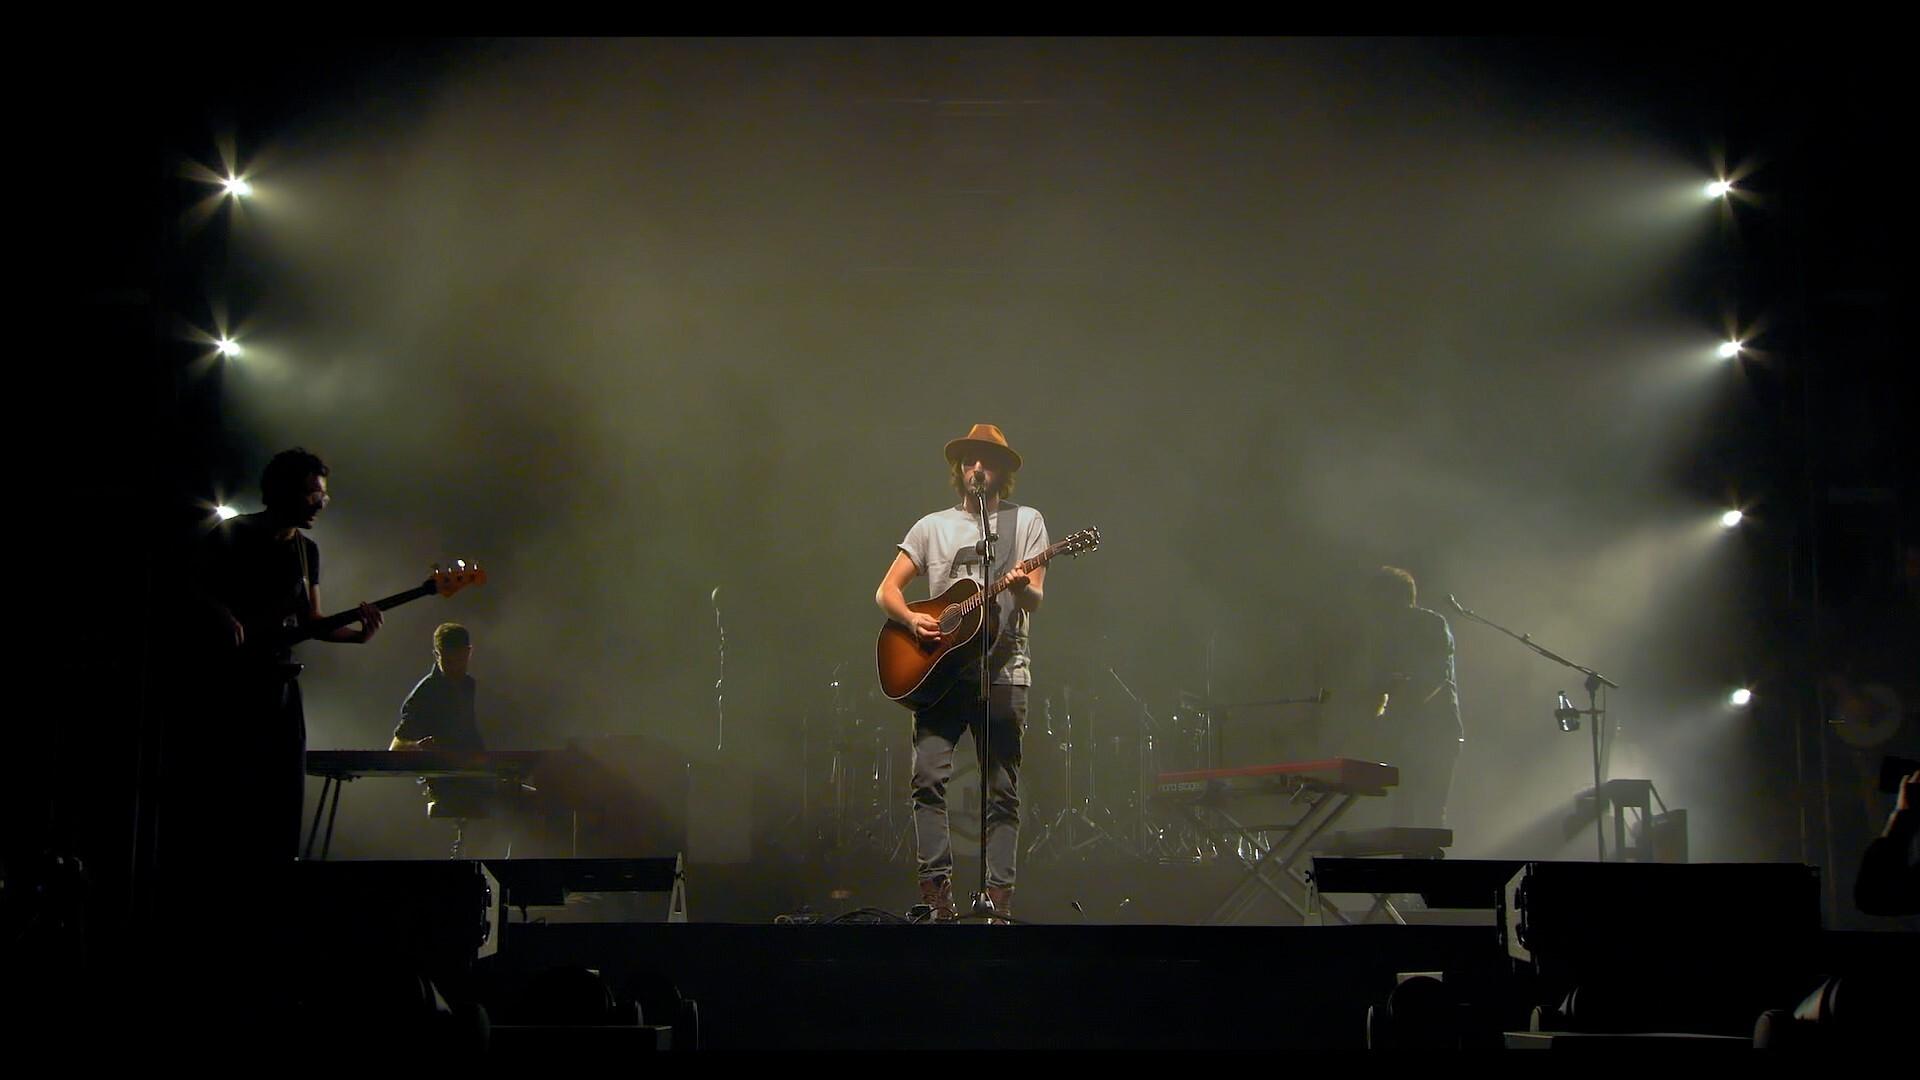 Juan Pablo Isaza en concierto Morat